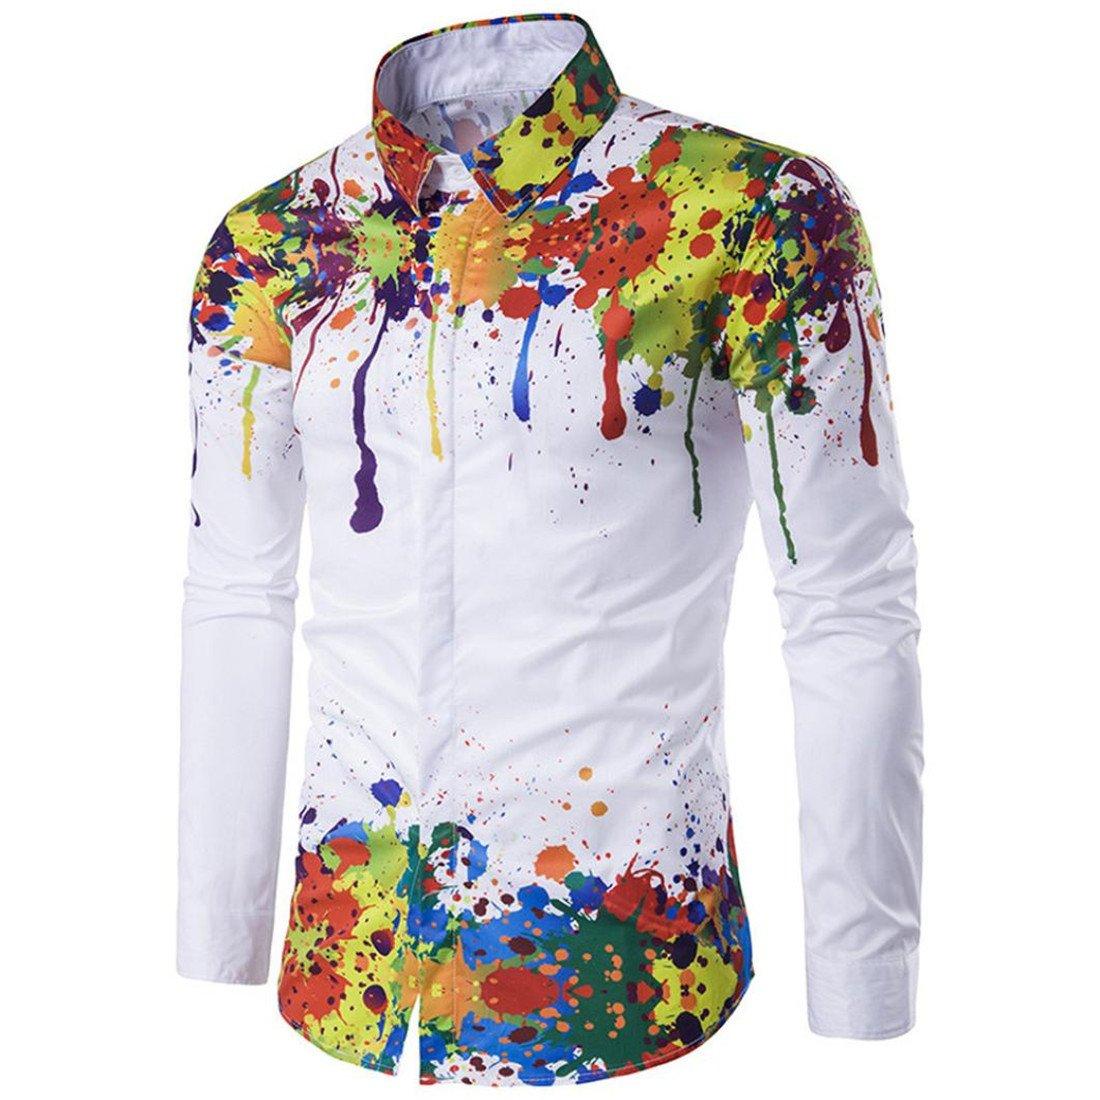 Shirt Herren Btruely Langarm Hemd Drucken Beilä ufig Bluse Ü bergrö ß e (XXL, Mehrfarbig)